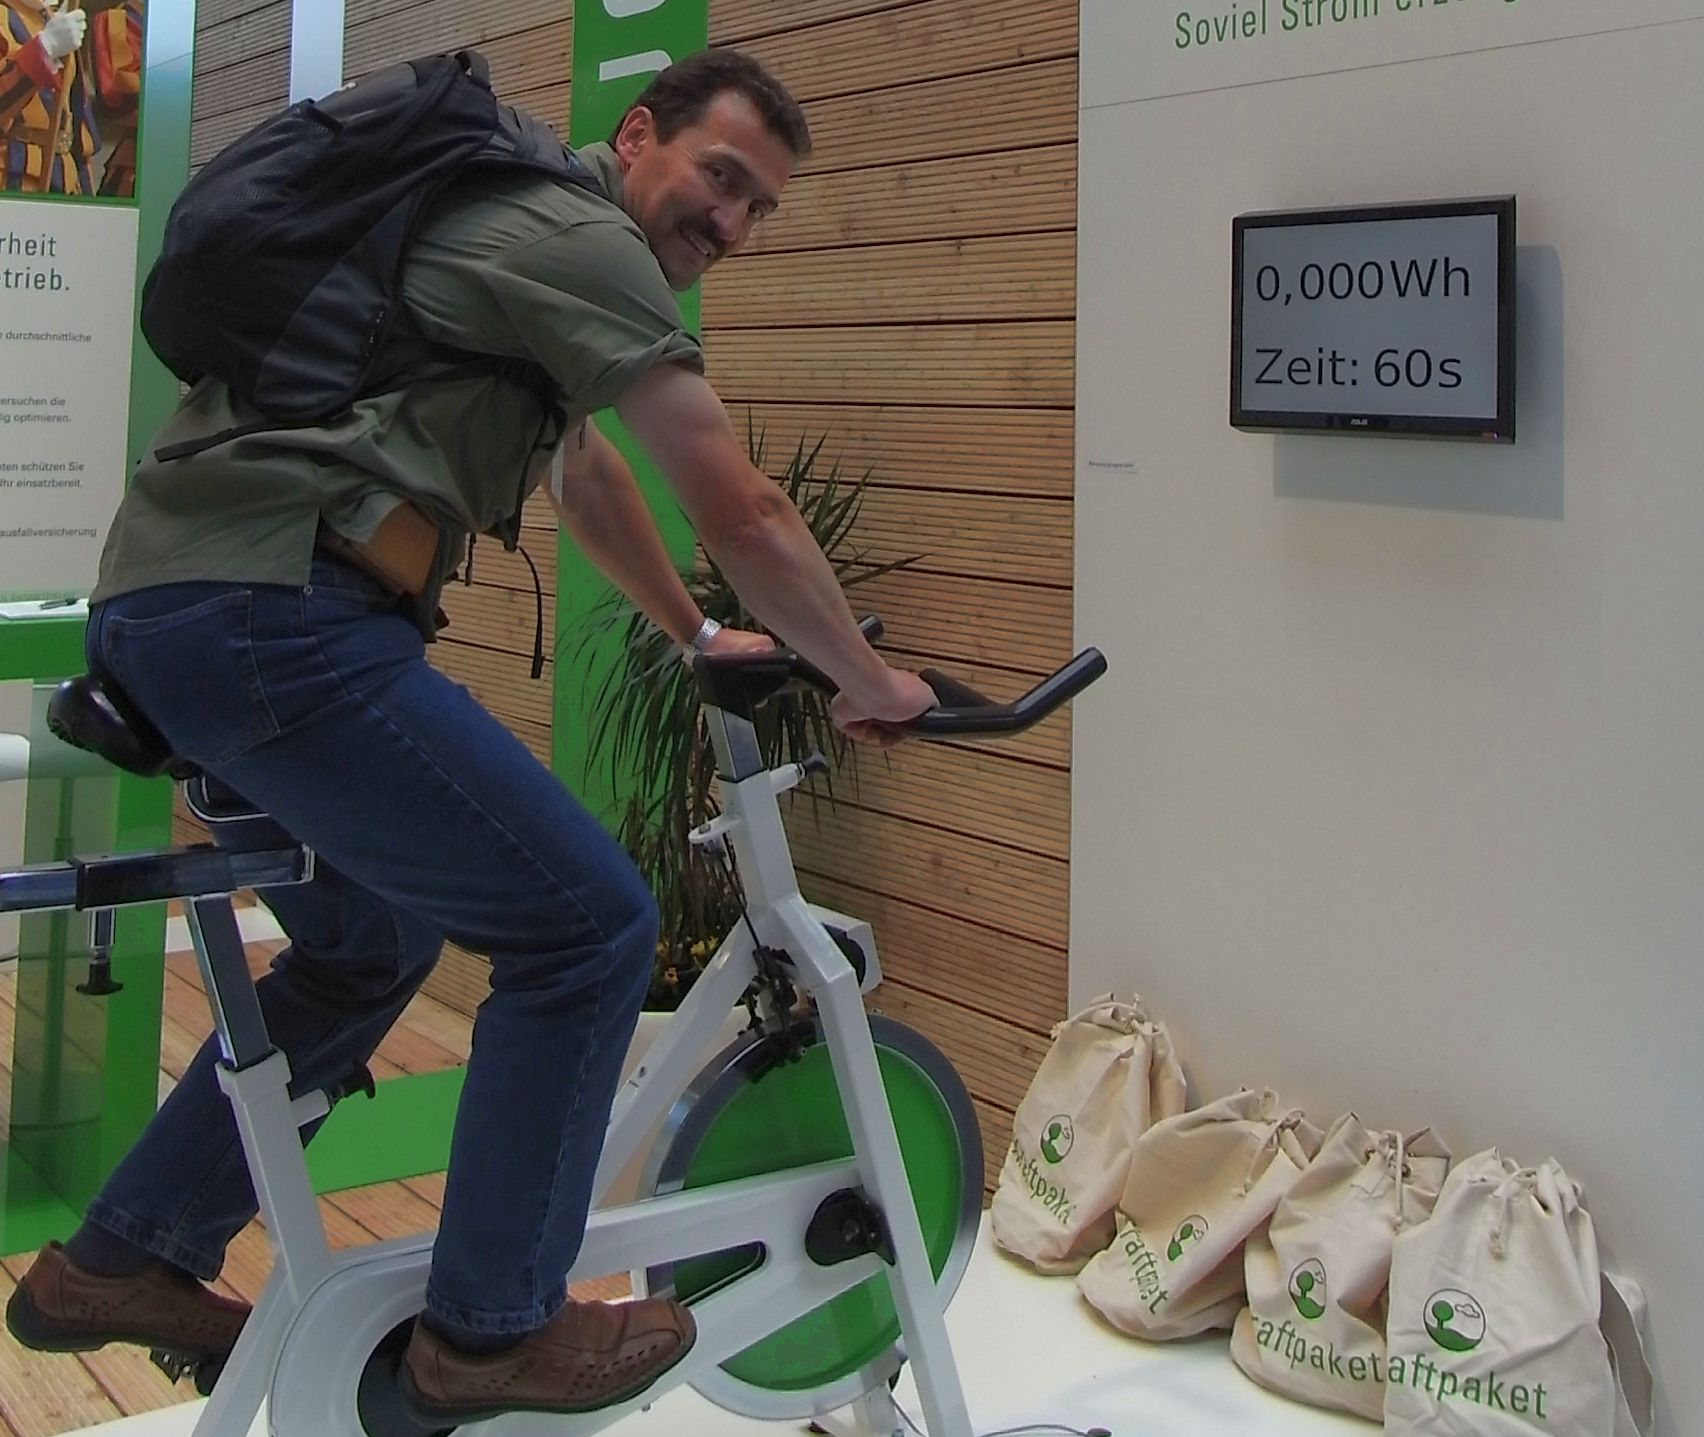 Mit dem Fahrrad Strom erzeugen